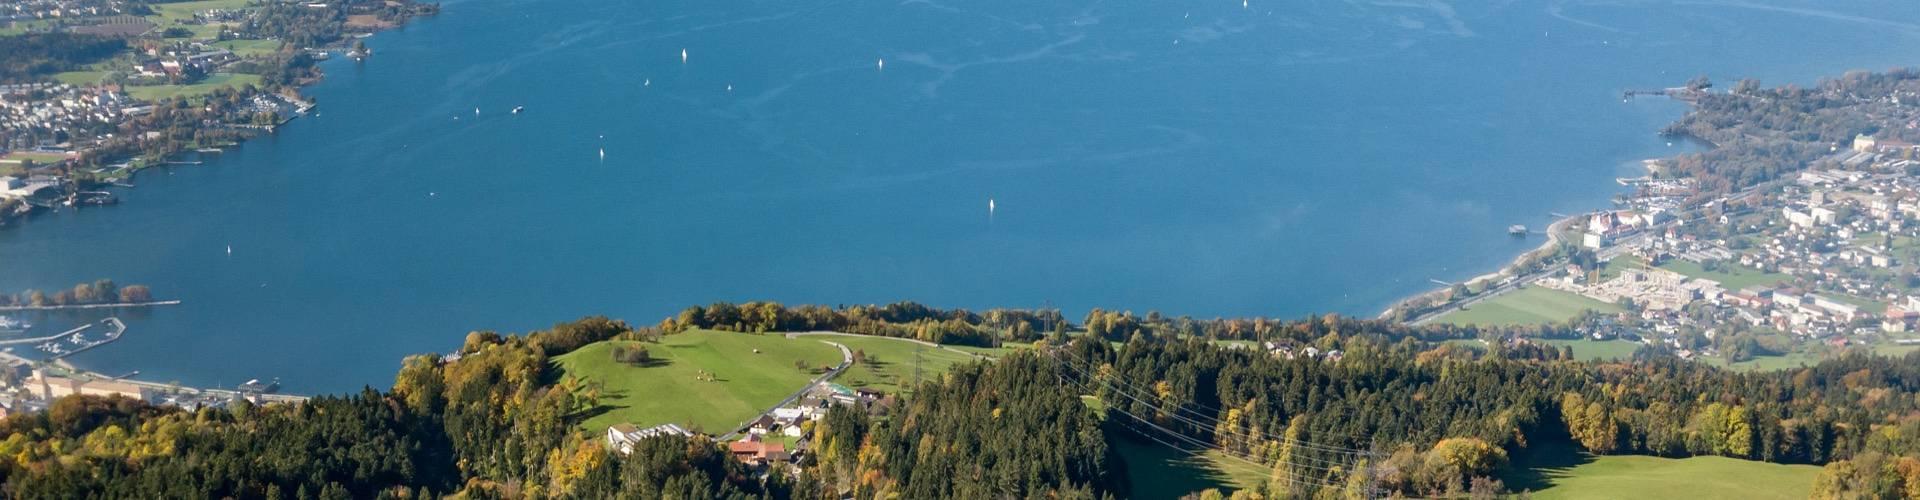 Seeparkvilla - Exklusiv Wohnen am Bodensee